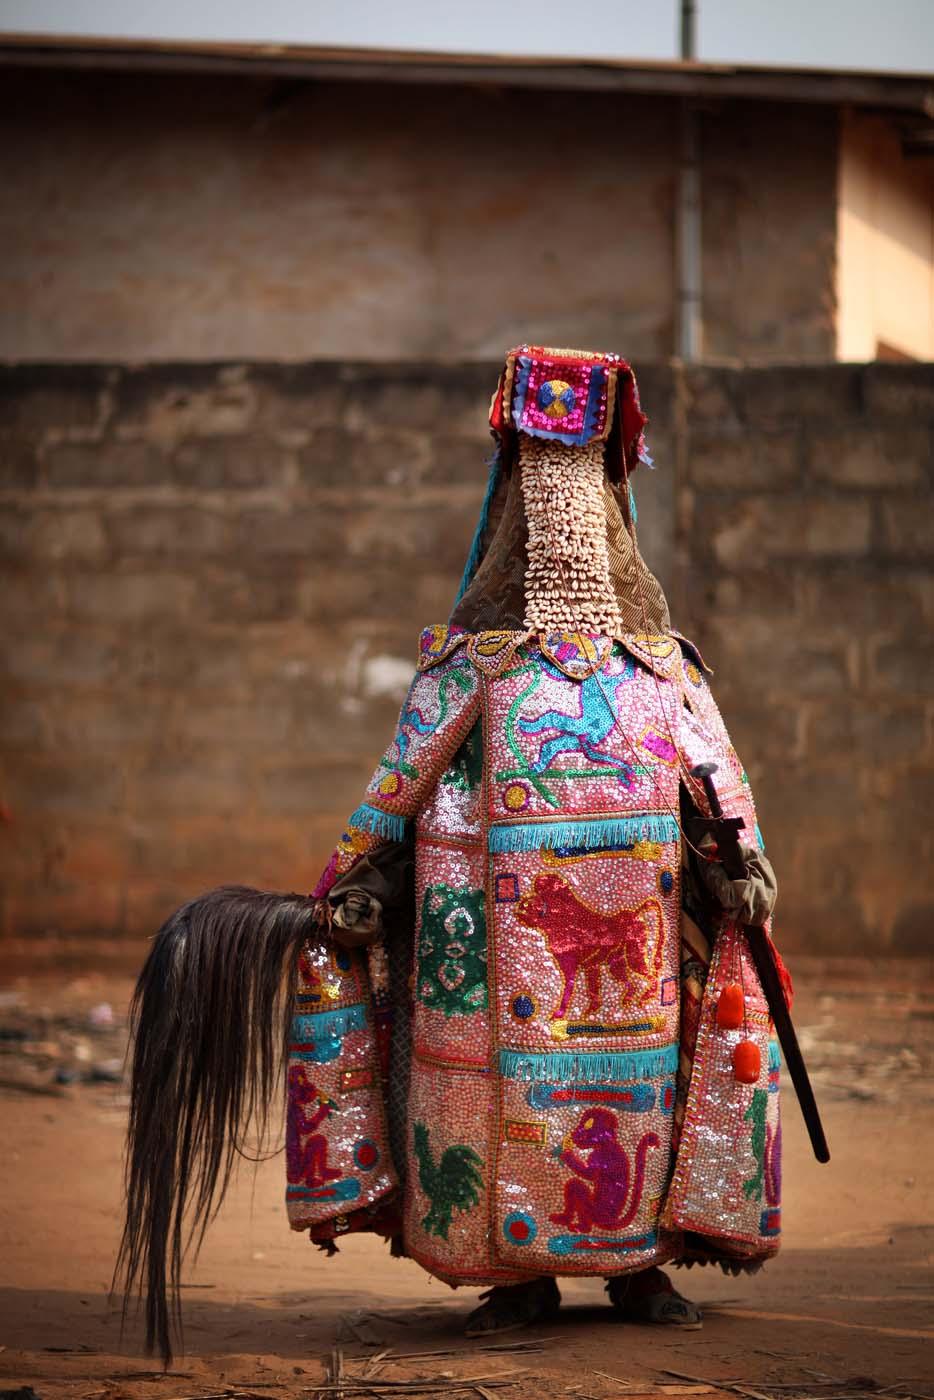 Benin's Voodoo heartland